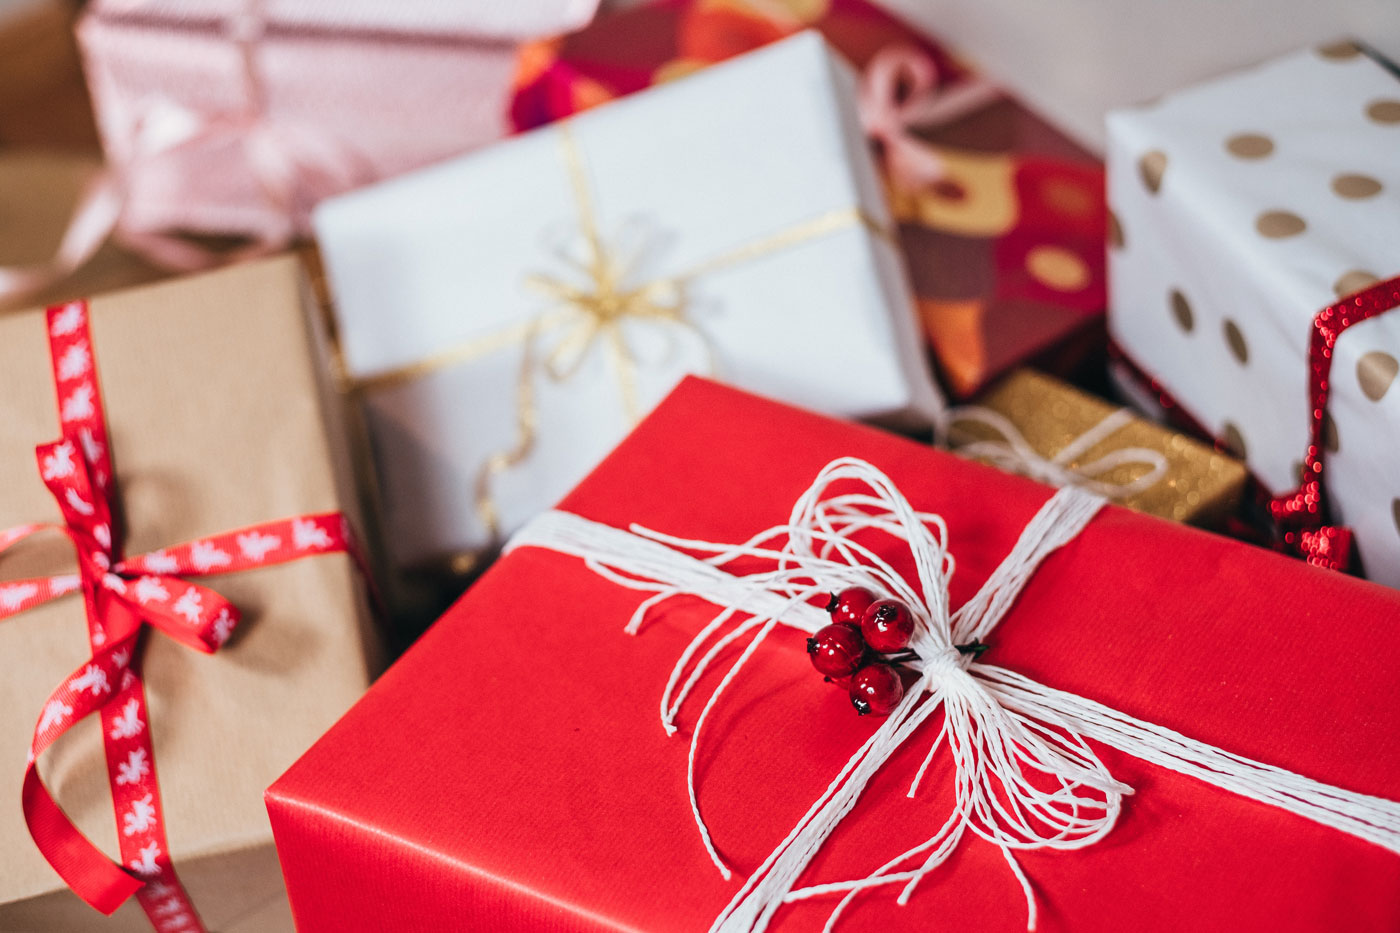 🎁 Що подарувати на День святого Миколая: ідеї подарунків для сімейного свята